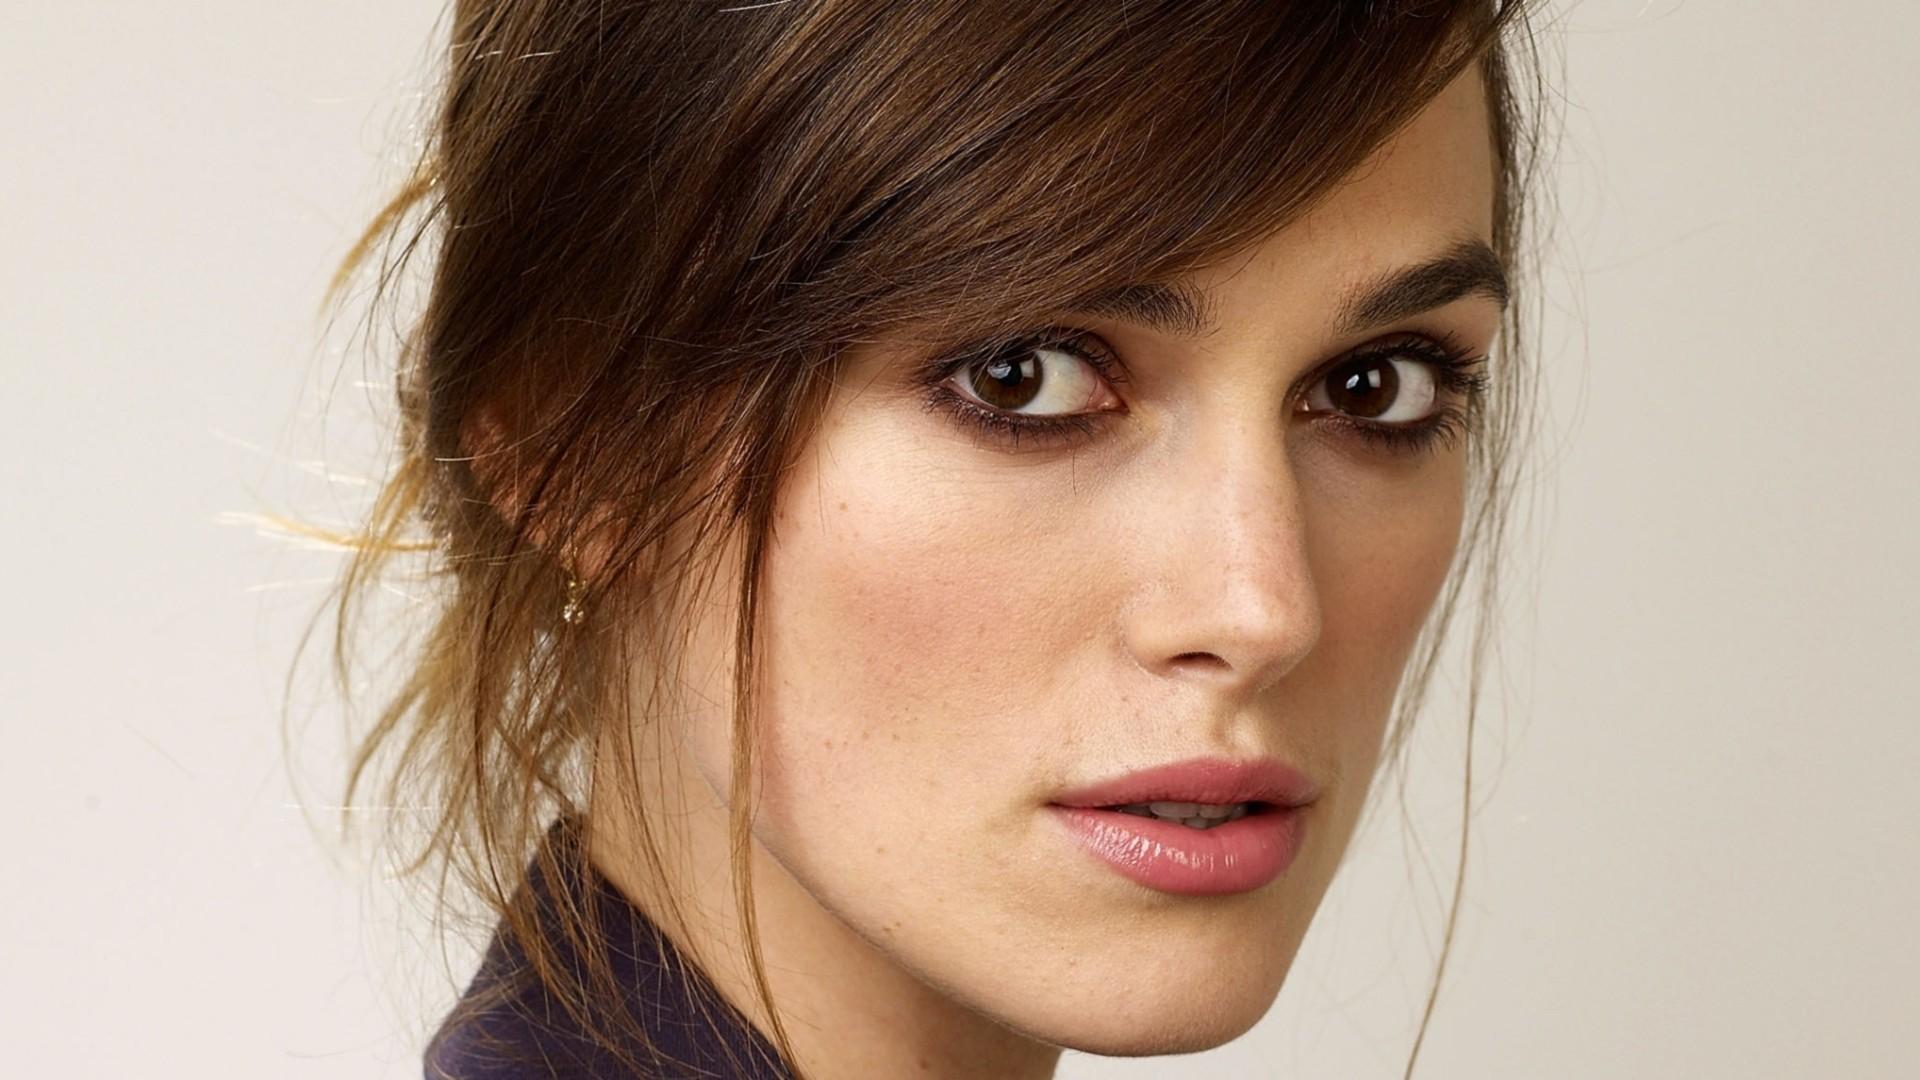 Как определить все характеристики типажа женской внешности